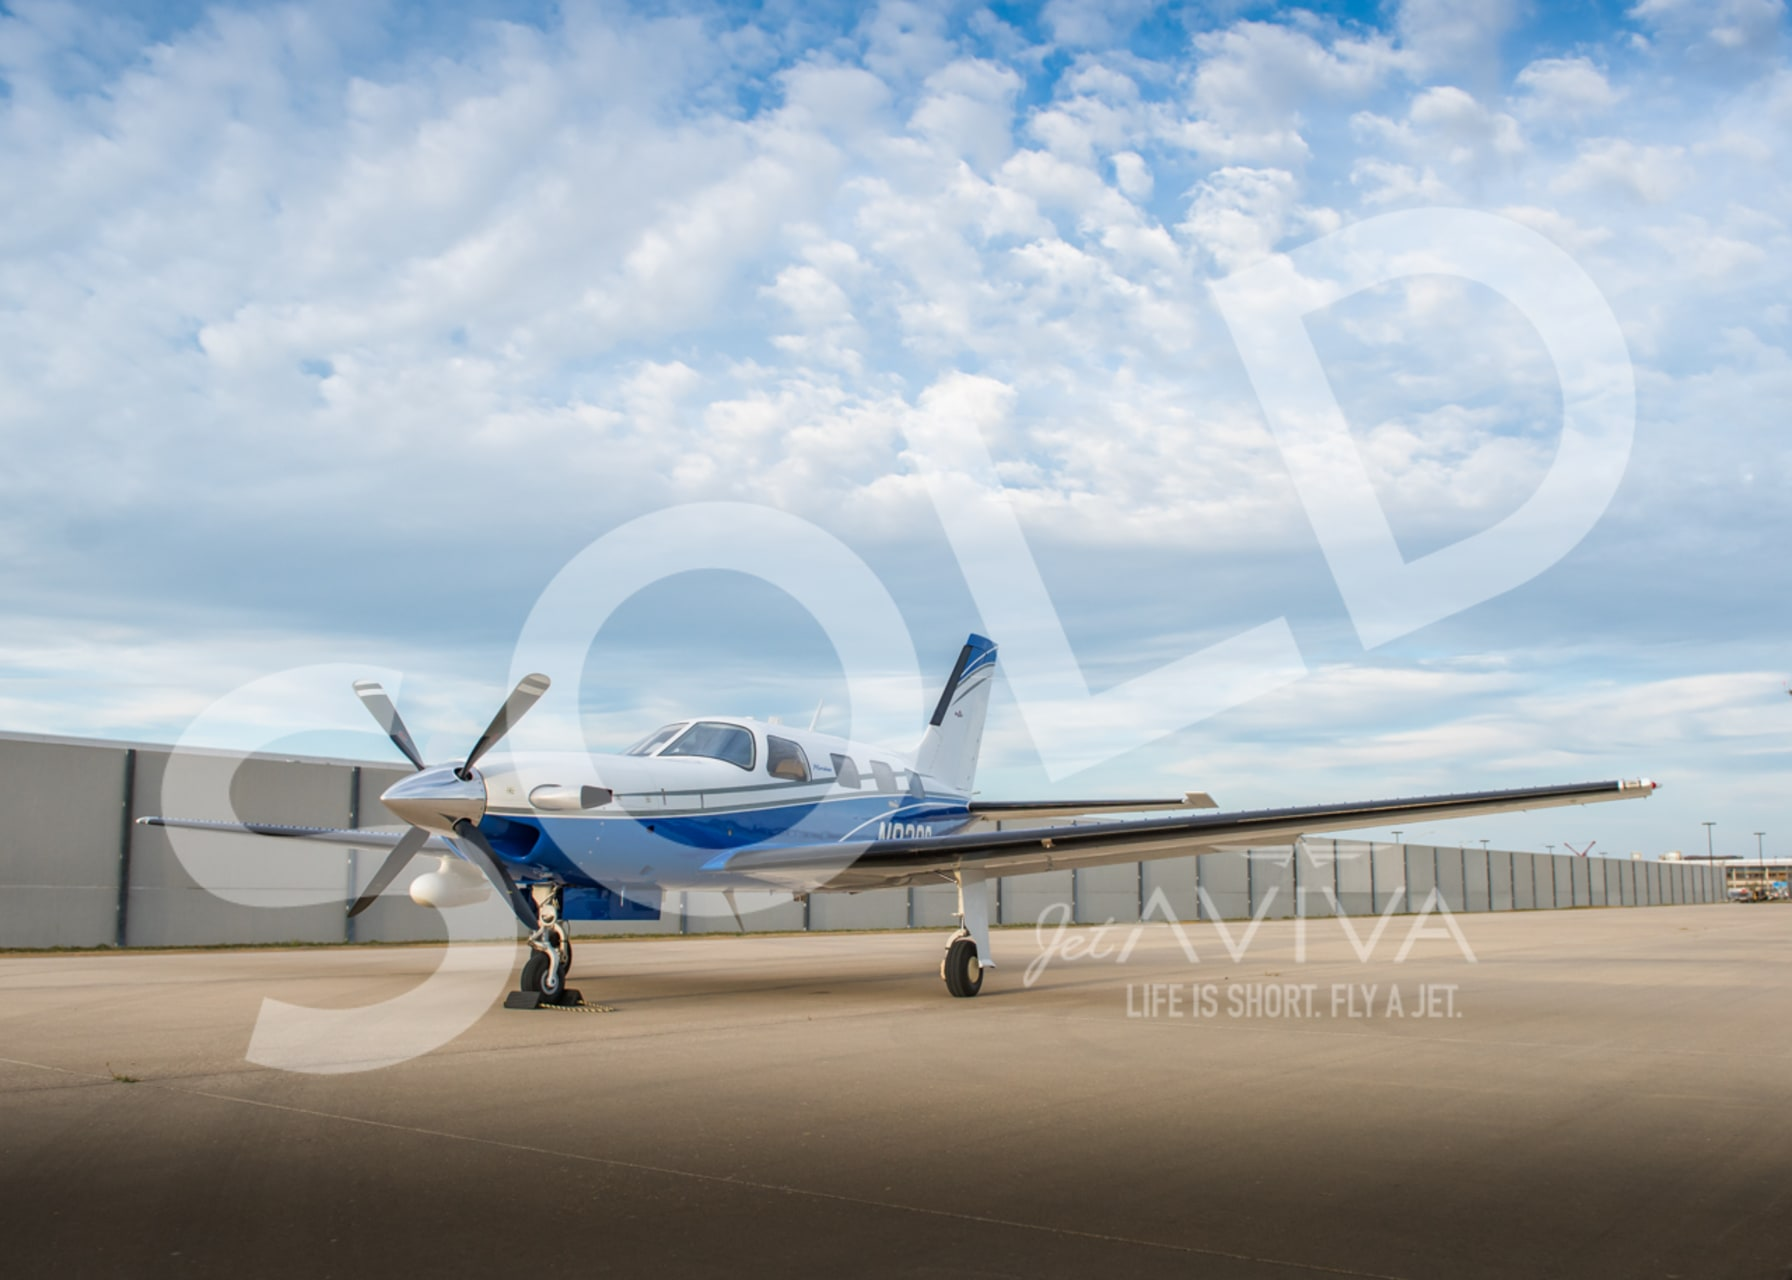 jetAVIVA - 2011 Piper Meridian for sale